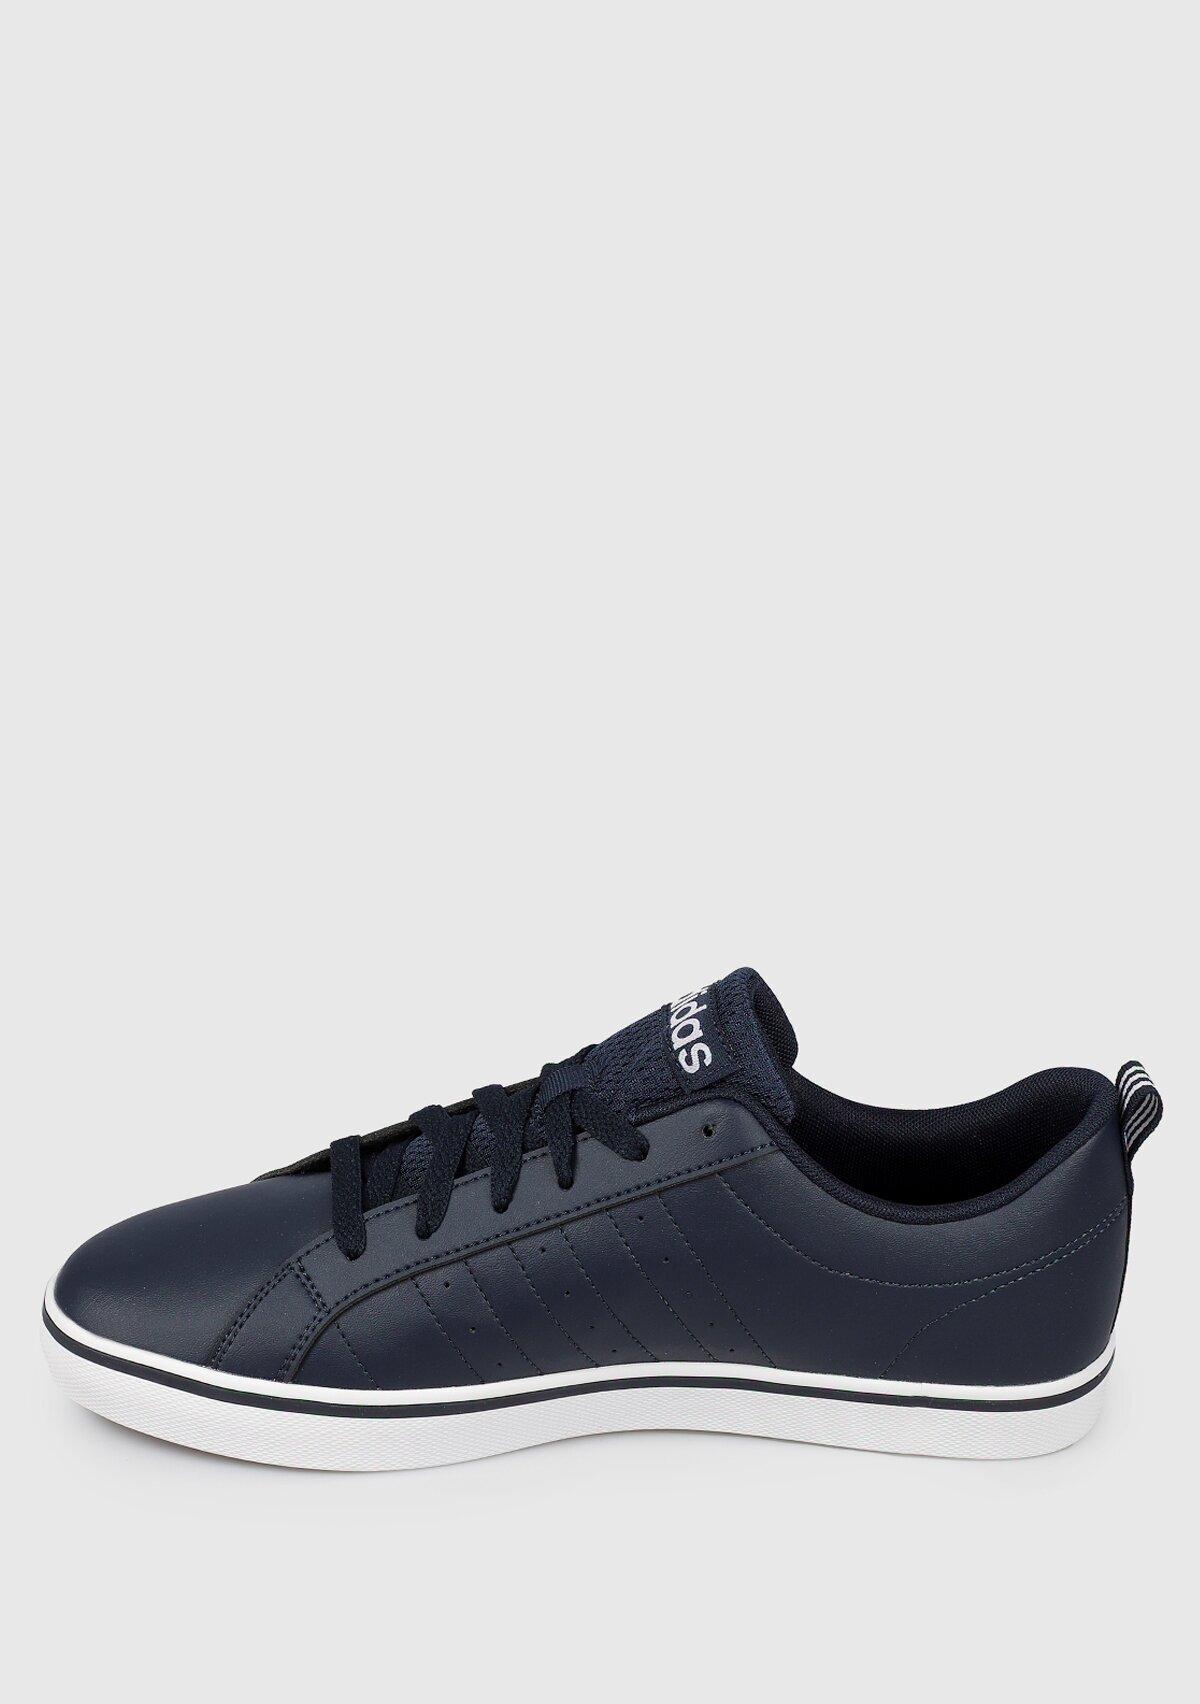 resm Vs Pace Lacivert Erkek Tenis Ayakkabısı B74493